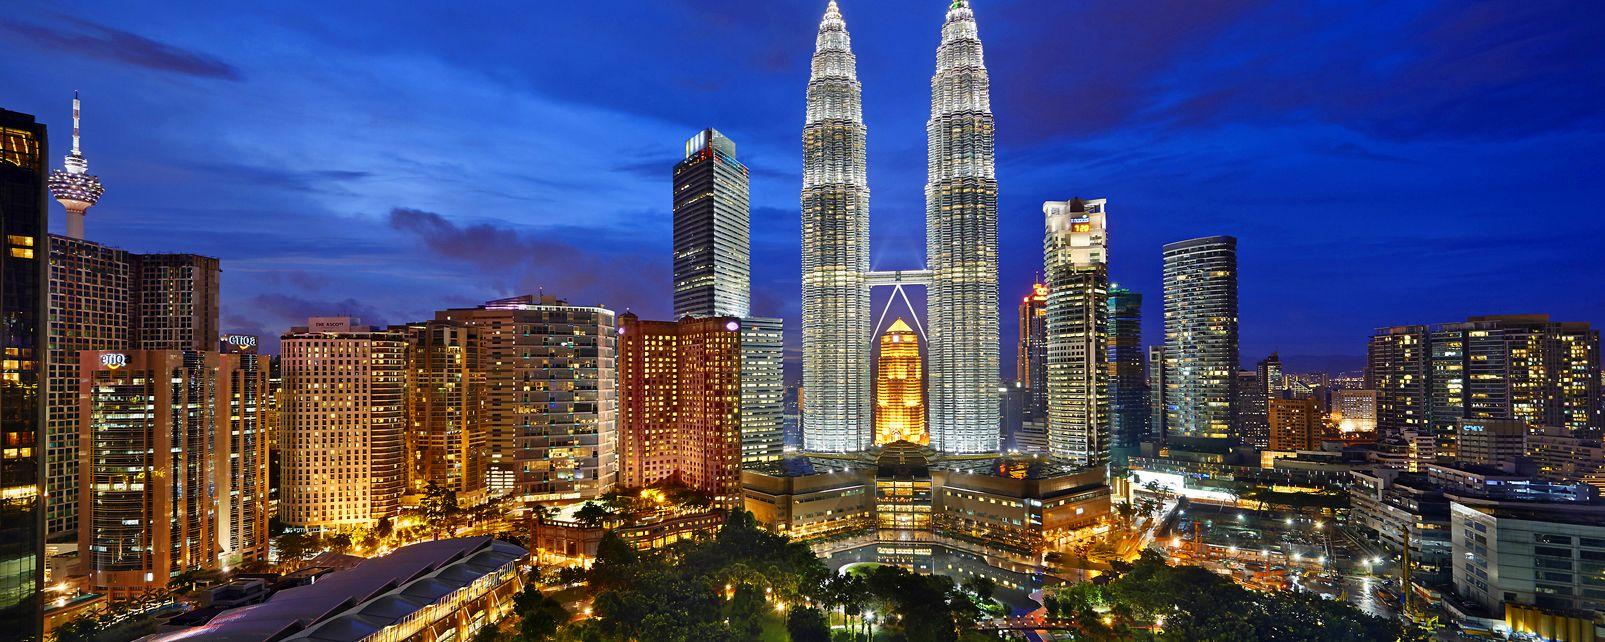 Hôtel Mandarin Oriental Kuala Lumpur